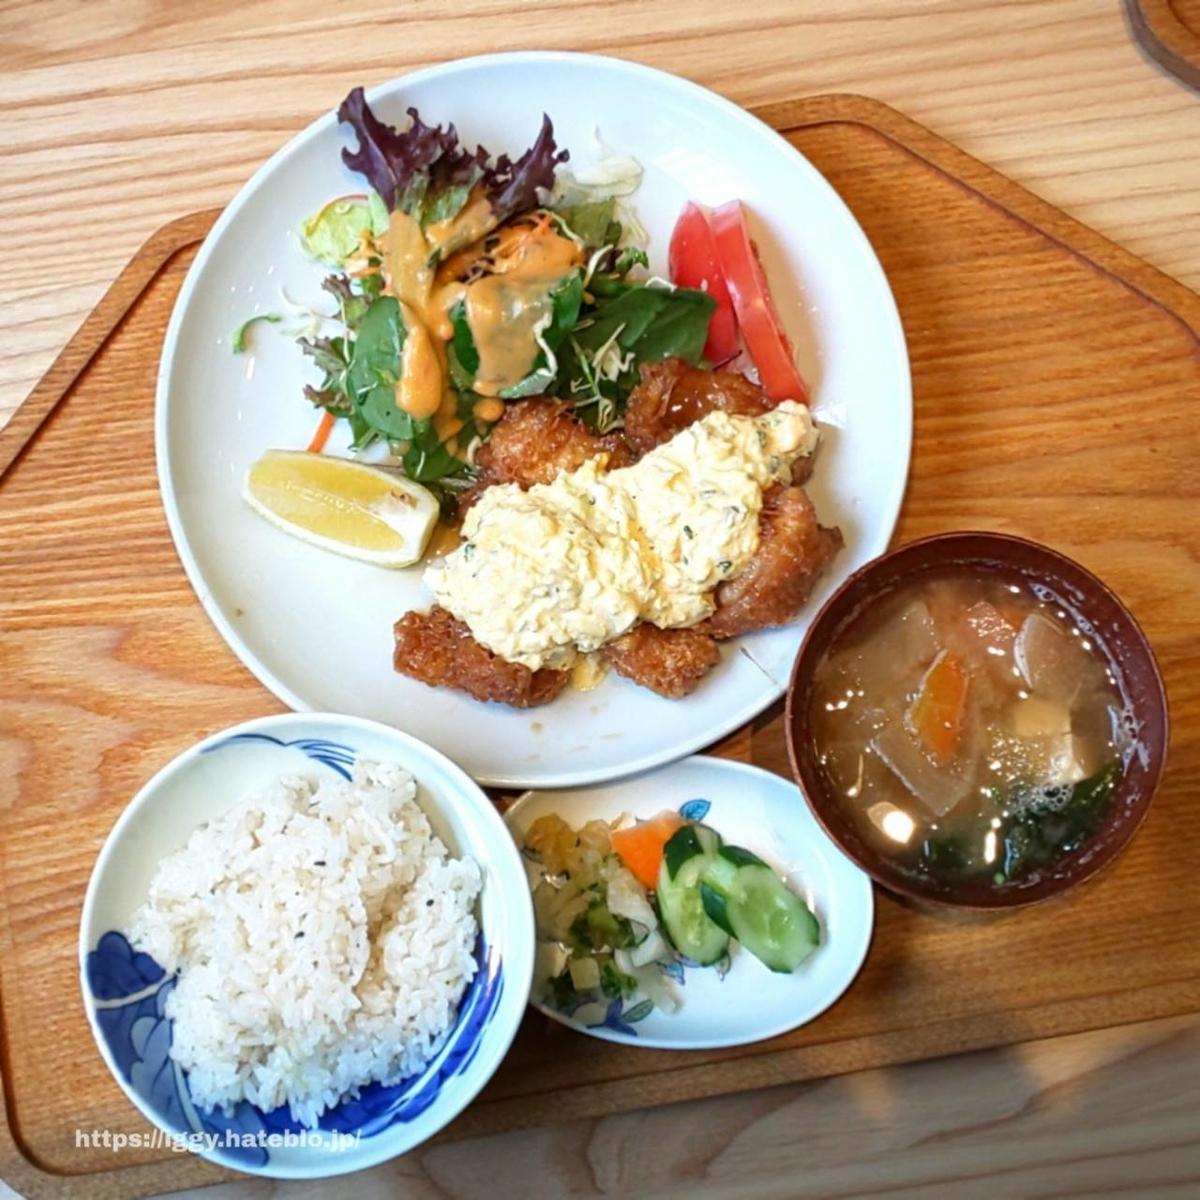 キッチンよい一日 ランチ メニュー 値段 地鶏チキン南蛮定食 感想 レビュー